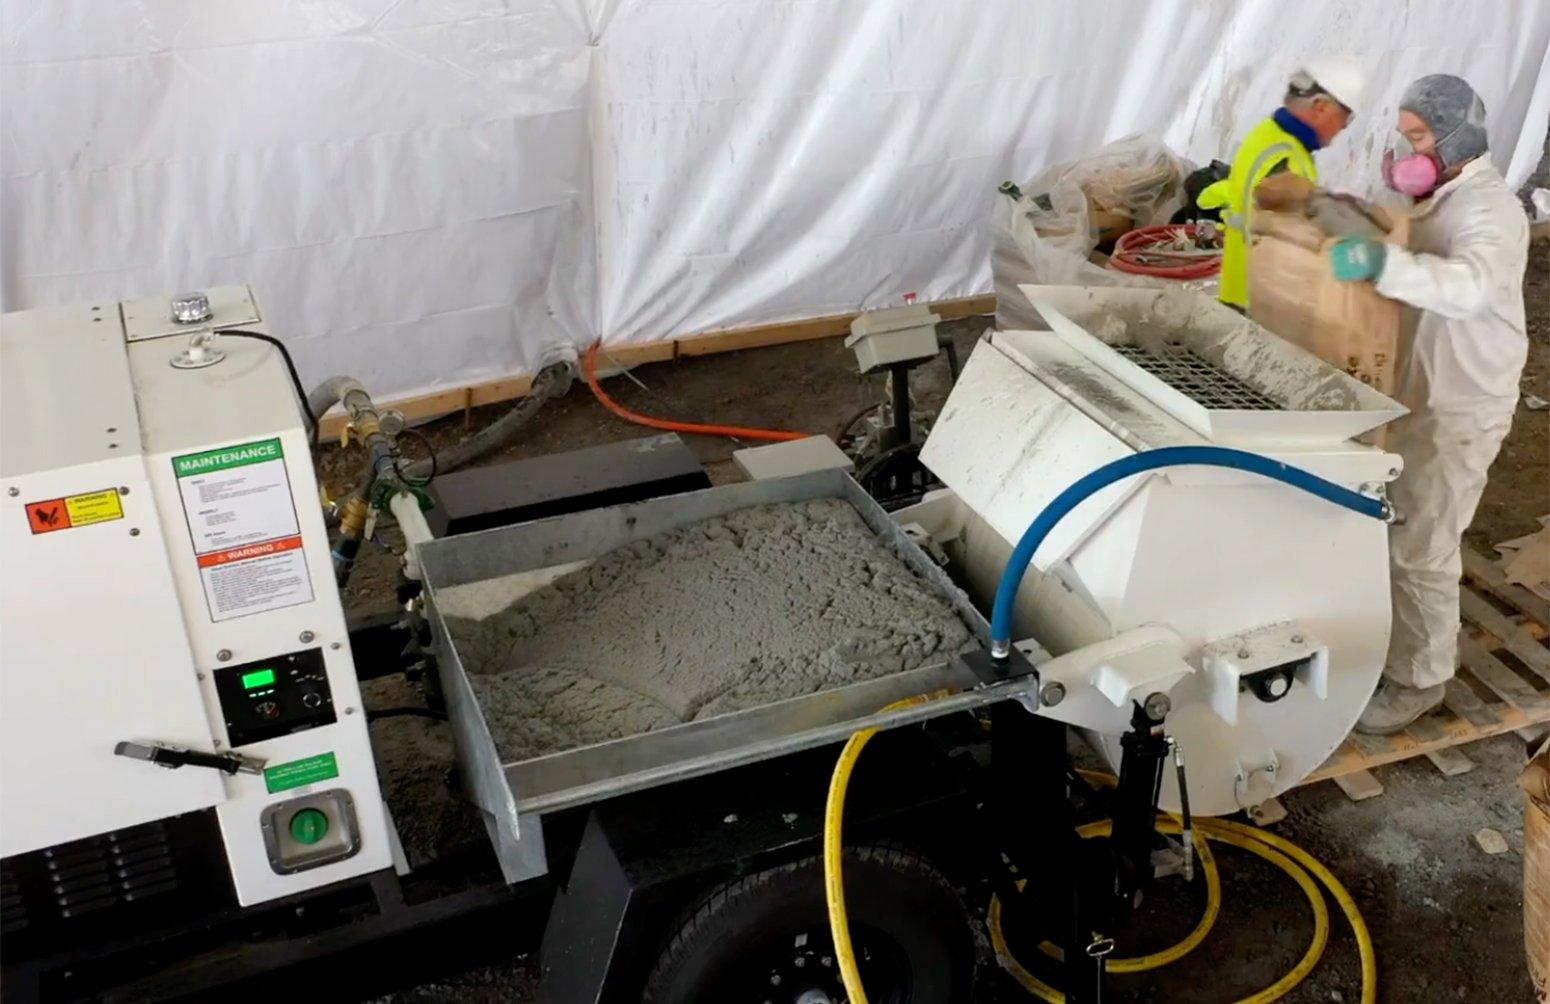 versamax-material-mixer